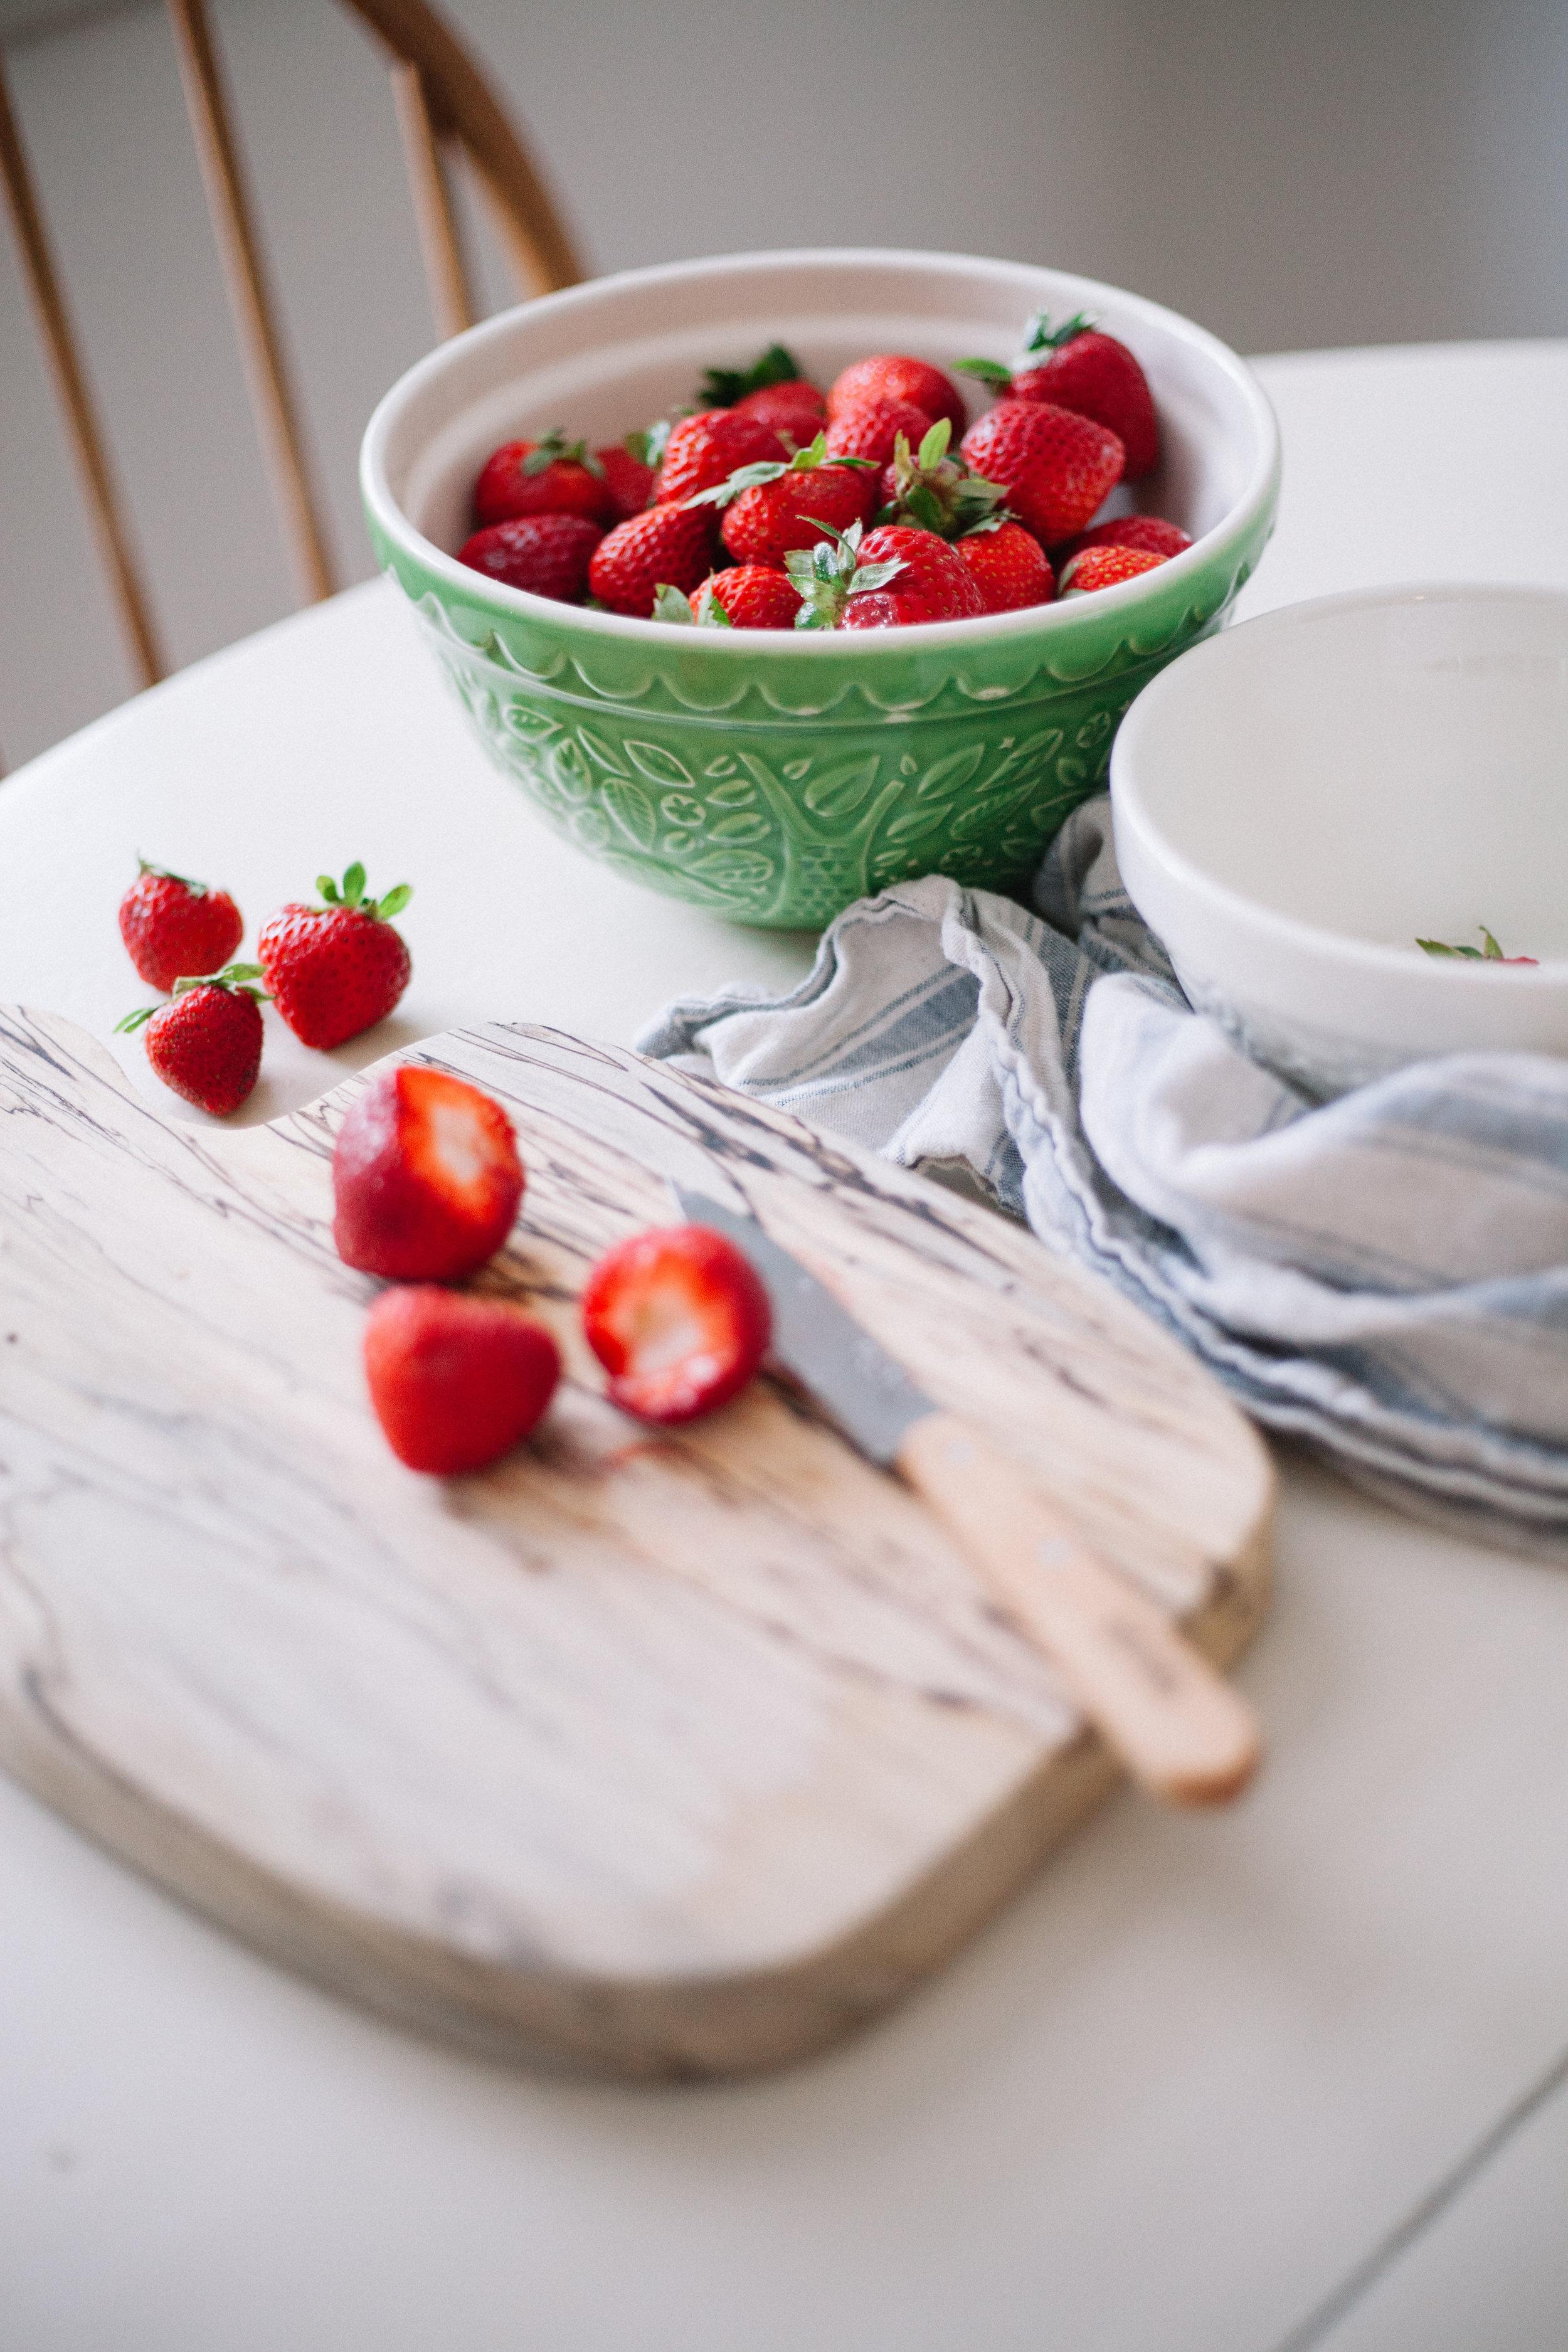 strawberry jam sweetened with honey | marina gunn food